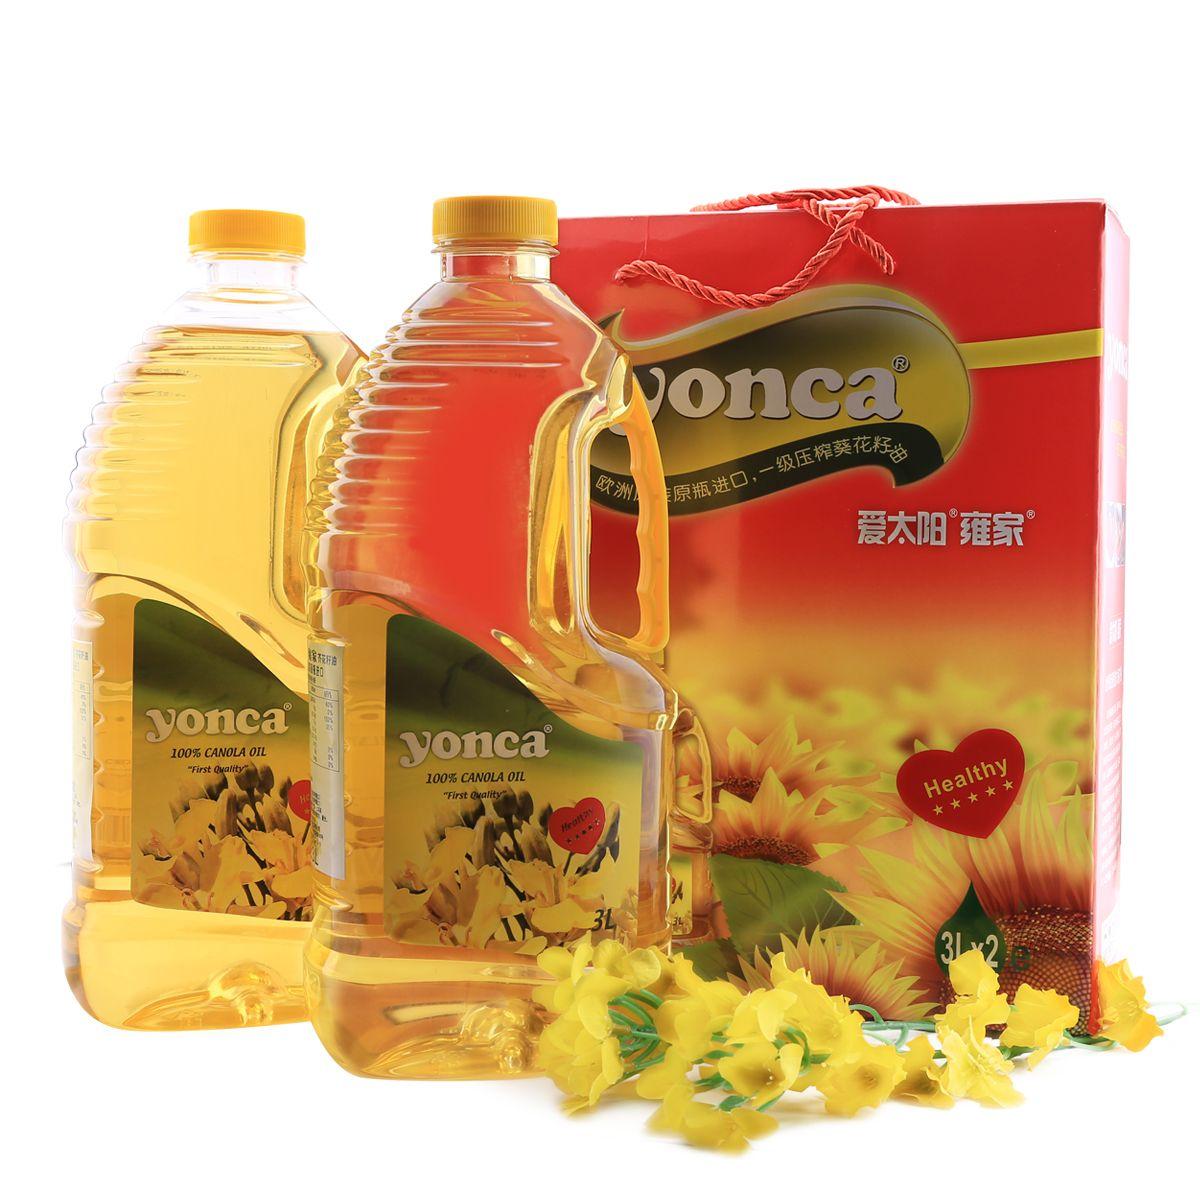 进口芥花籽油低芥酸菜籽油非转基因3L*2健康营养礼品装